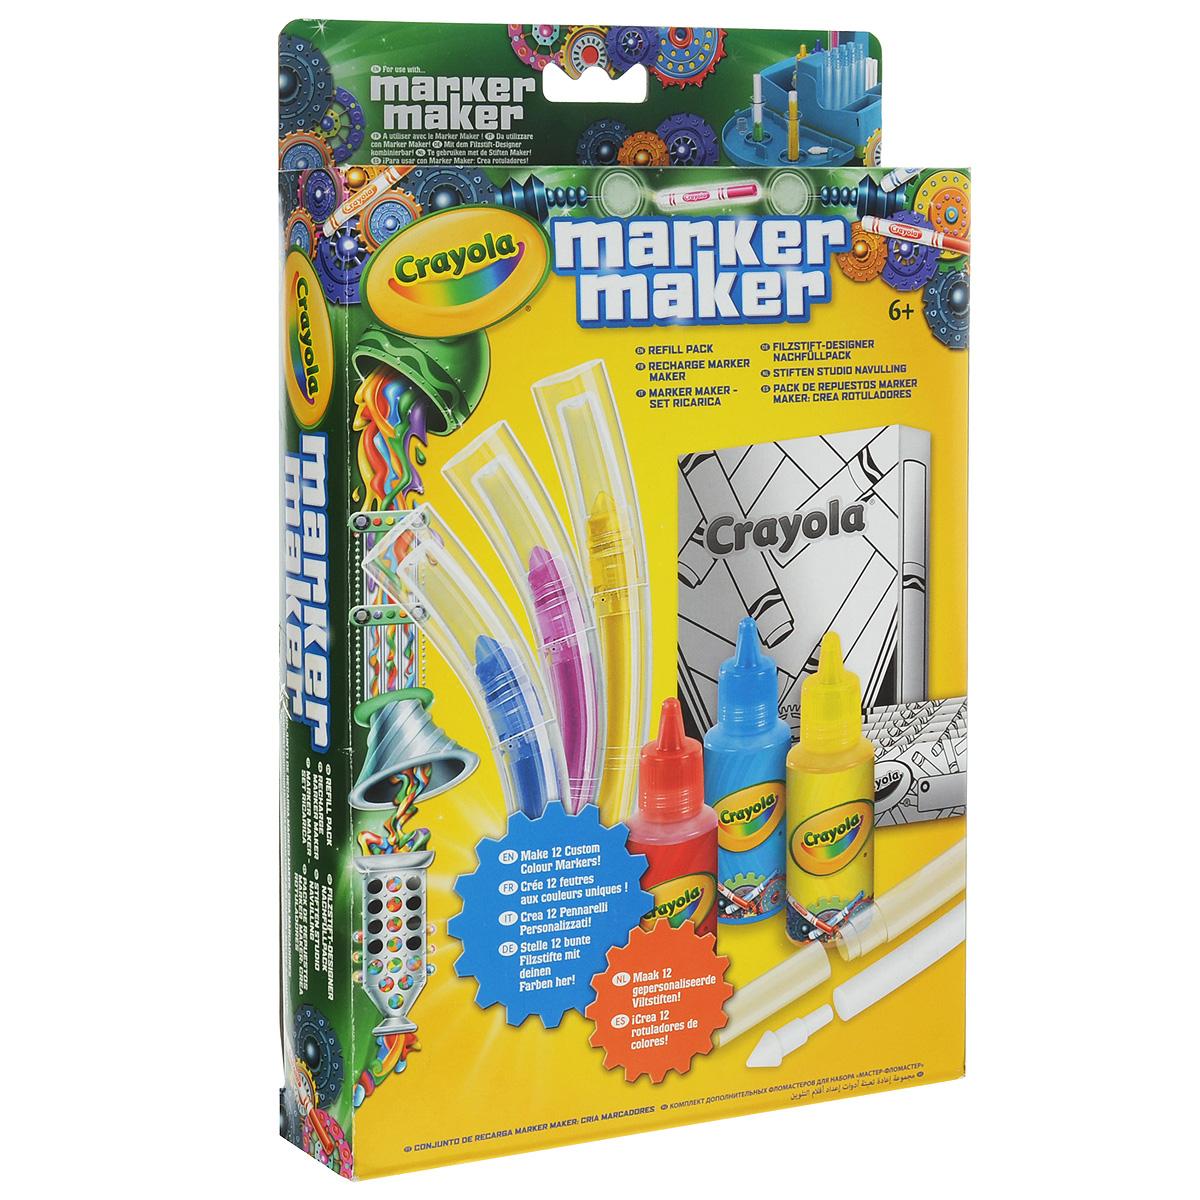 """Набор аксессуаров Crayola Мастер-фломастер72523WDНабор аксессуаров Мастер-фломастер является комплектом дополнительных фломастеров для фабрики по производству фломастеров """"Мастер-фломастер"""" от Crayola.В комплект входят 12 наборов для сборки фломастеров (корпуса, стержни, наконечники, колпачки, заглушки, наклейки), 3 баночки с чернилами красного, синего и желтого цветов и 2 коробочки для упаковки и хранения. Всего этого достаточно для создания фломастеров с уникальными цветами. Вся продукция Crayola выпускается из нетоксичных и безопасных материалов, поэтому никак не навредит здоровью вашего ребенка.Увлекательный процесс создания фломастеров своими руками подарит юному художнику массу удовольствия, и поможет развить творческое мышление, аккуратность и художественный вкус.Рекомендуется для детей: от 6 лет."""